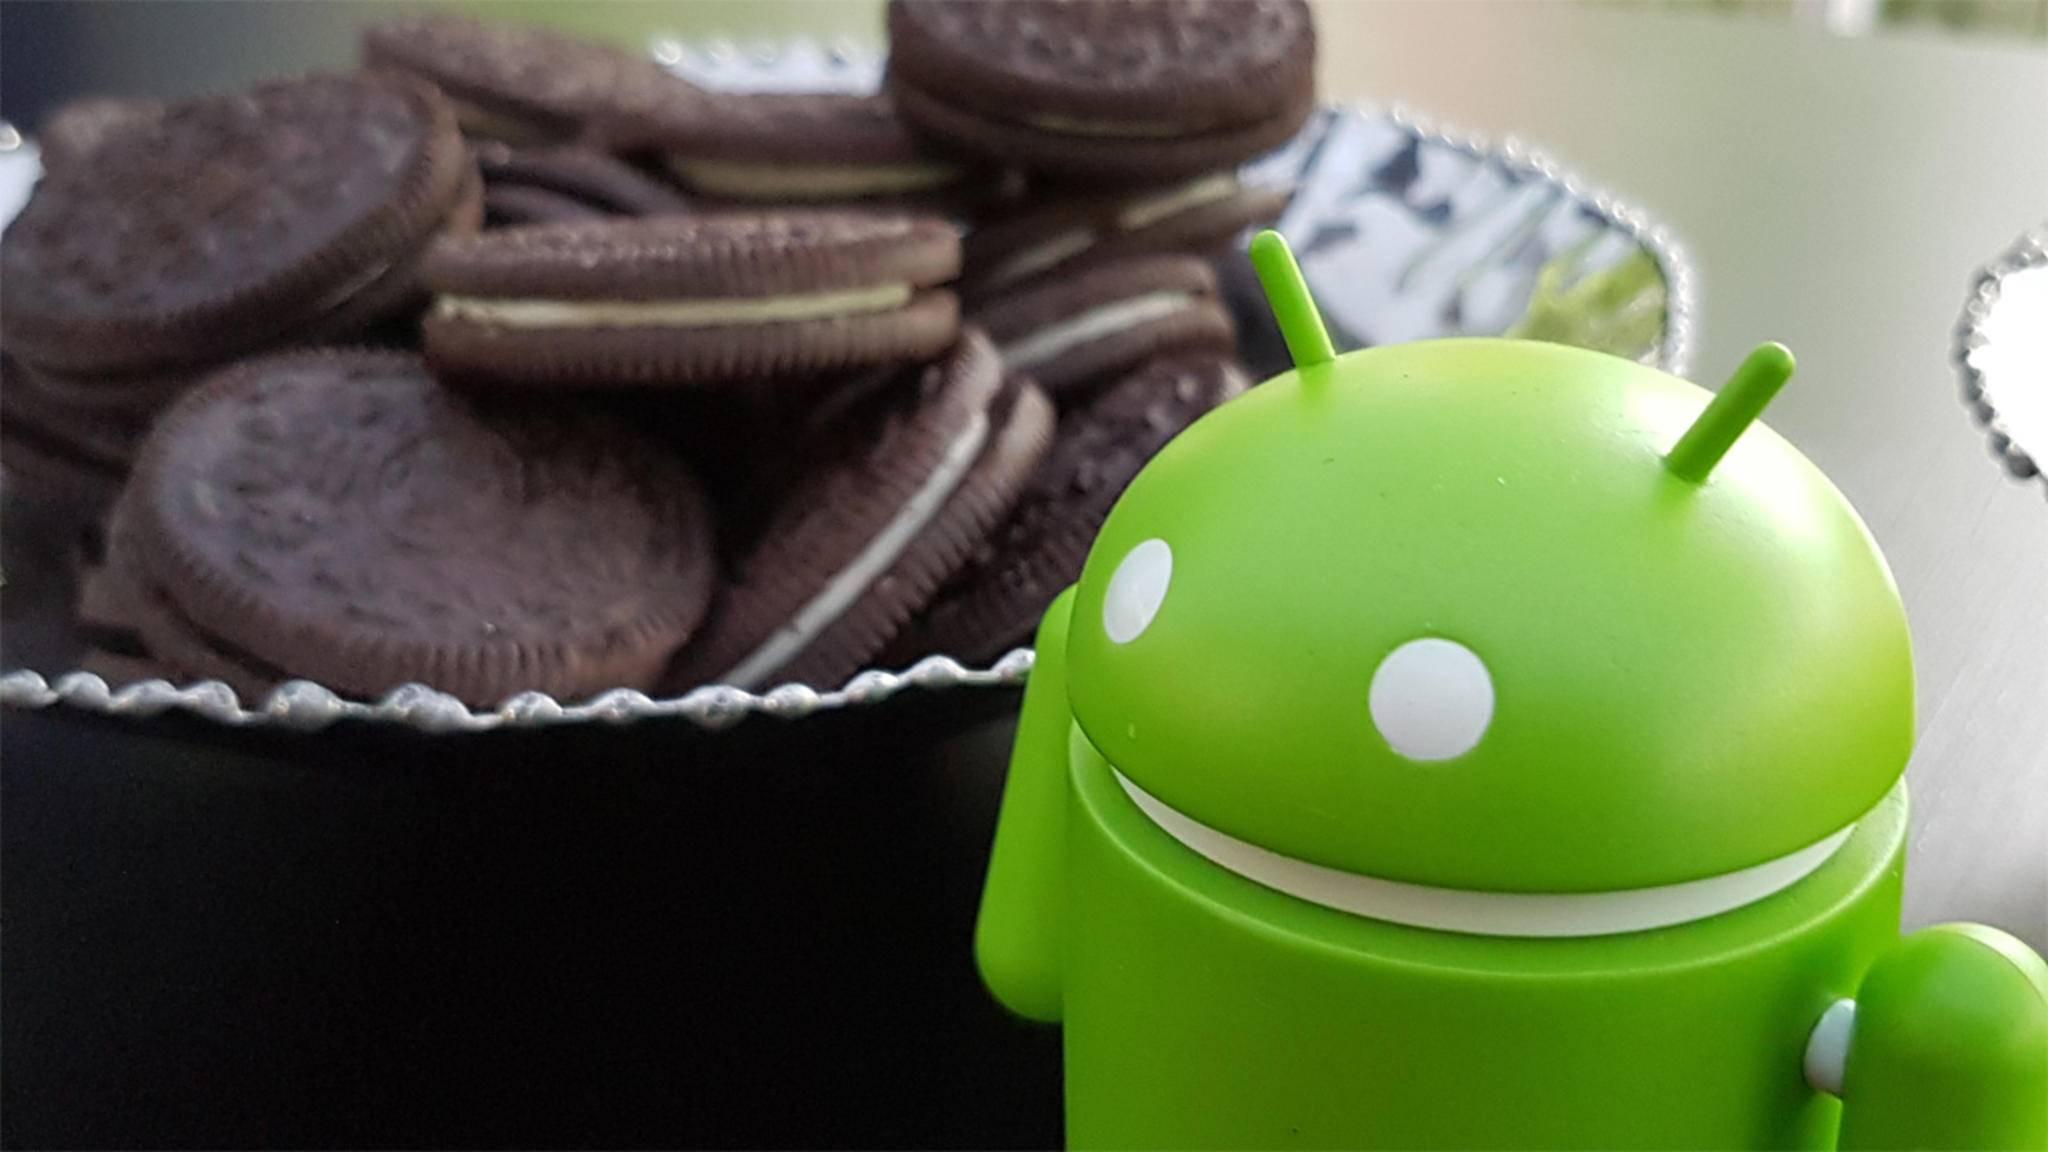 Wir verraten Dir, wie sich Android in zehn Jahren entwickelt hat.